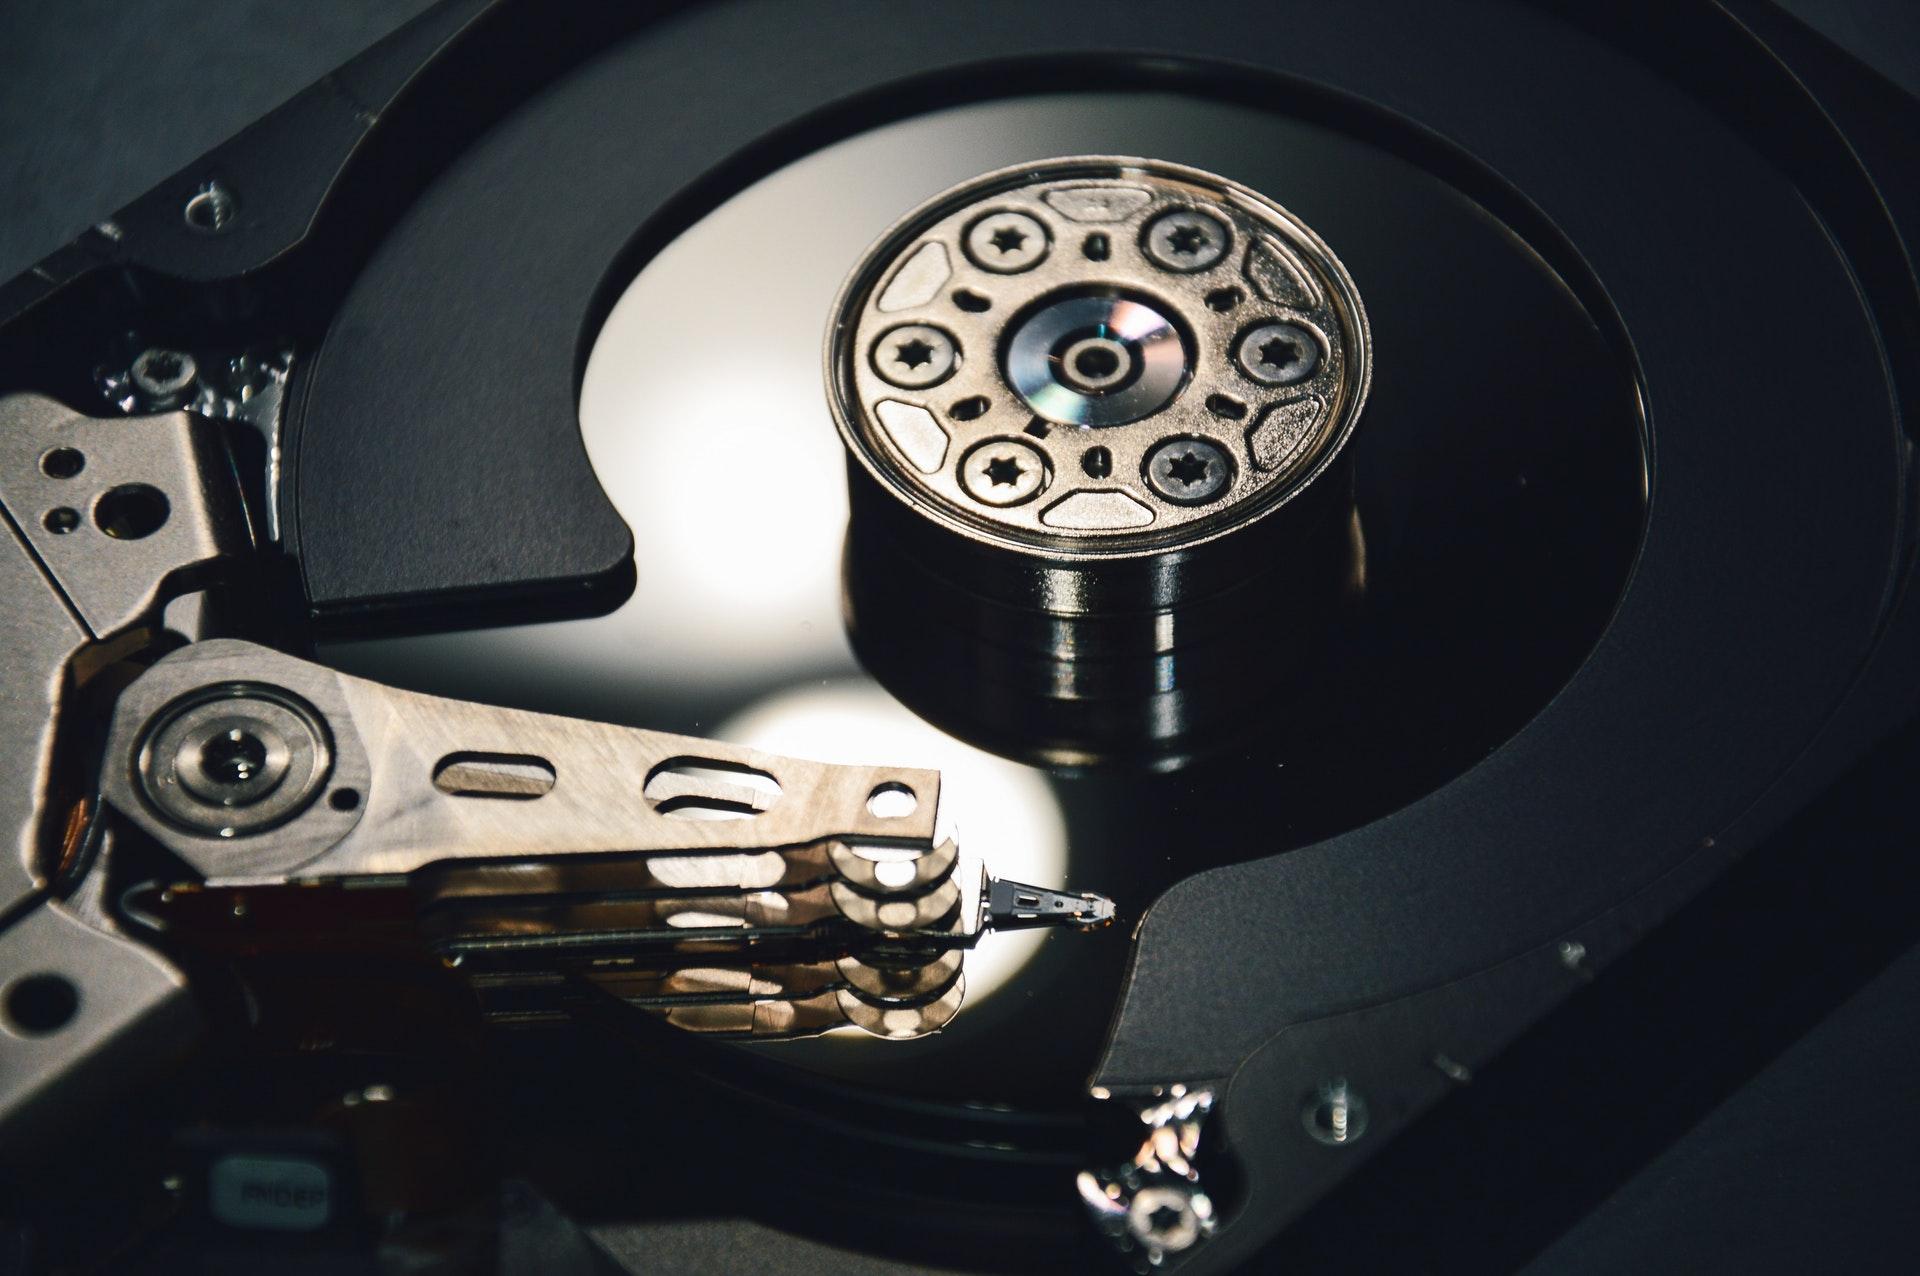 archivierung, harddisk